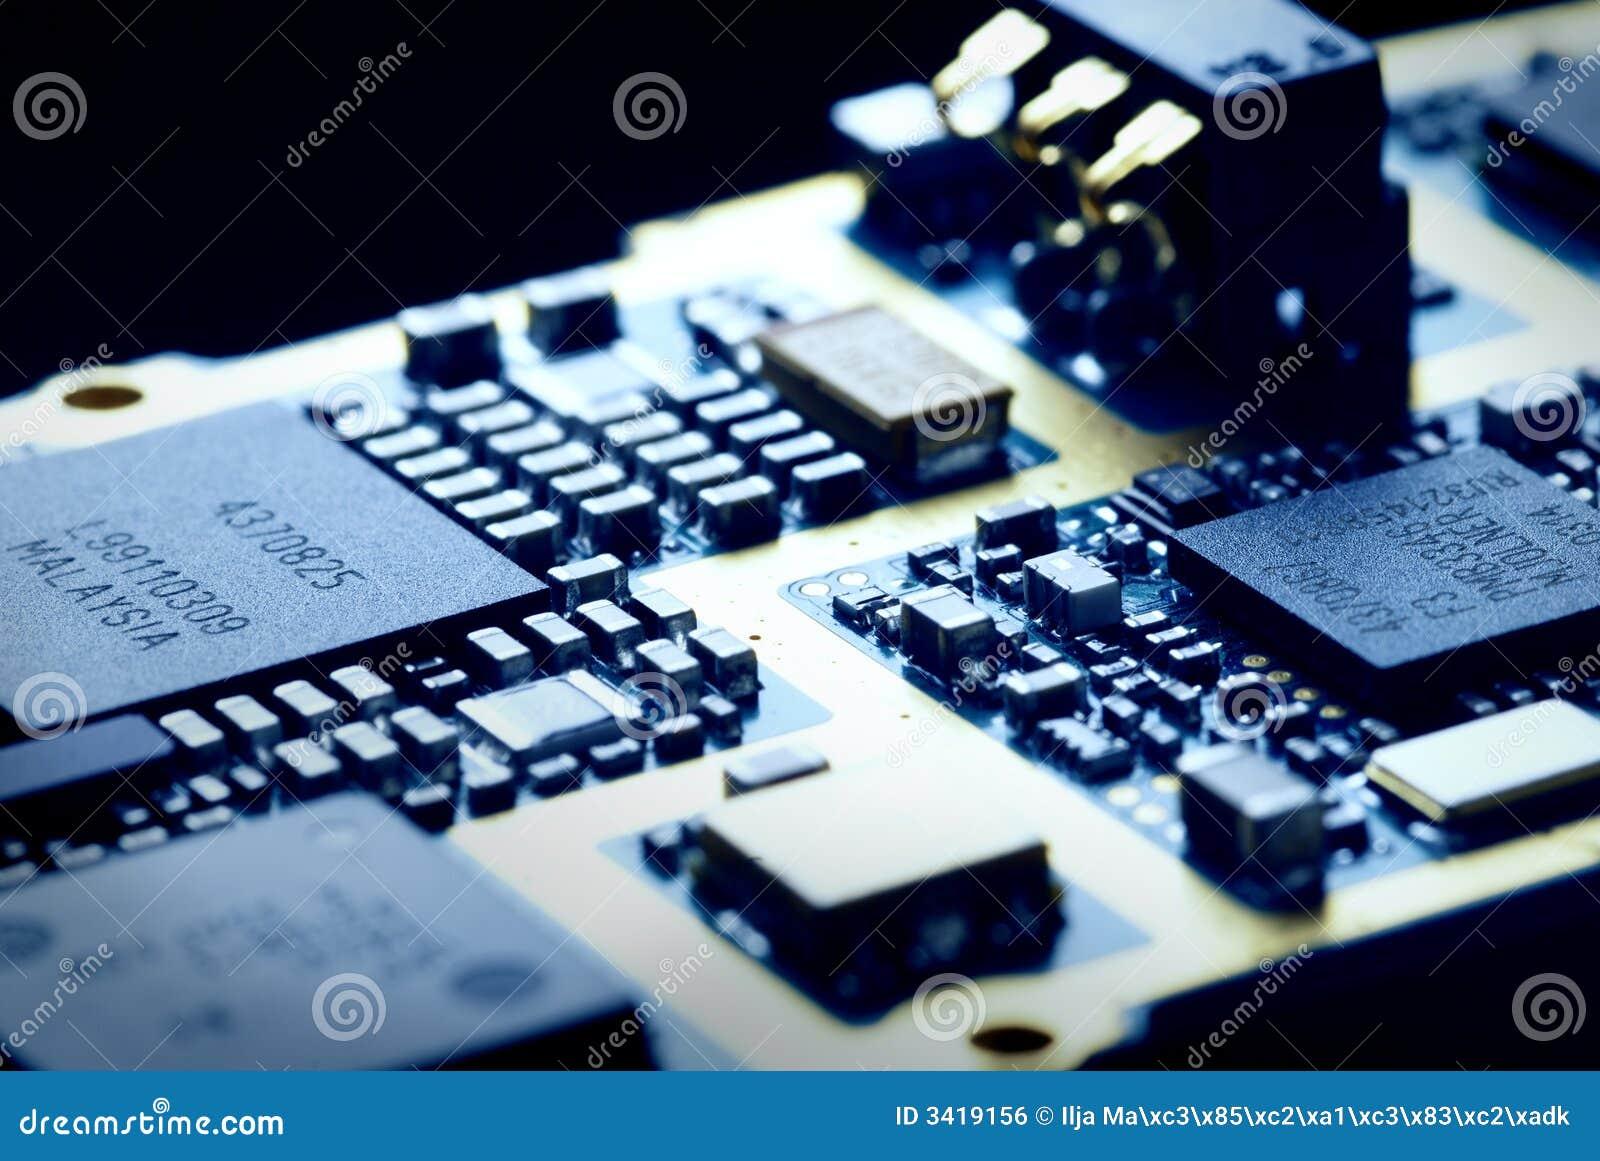 A tecnologia da eletrônica